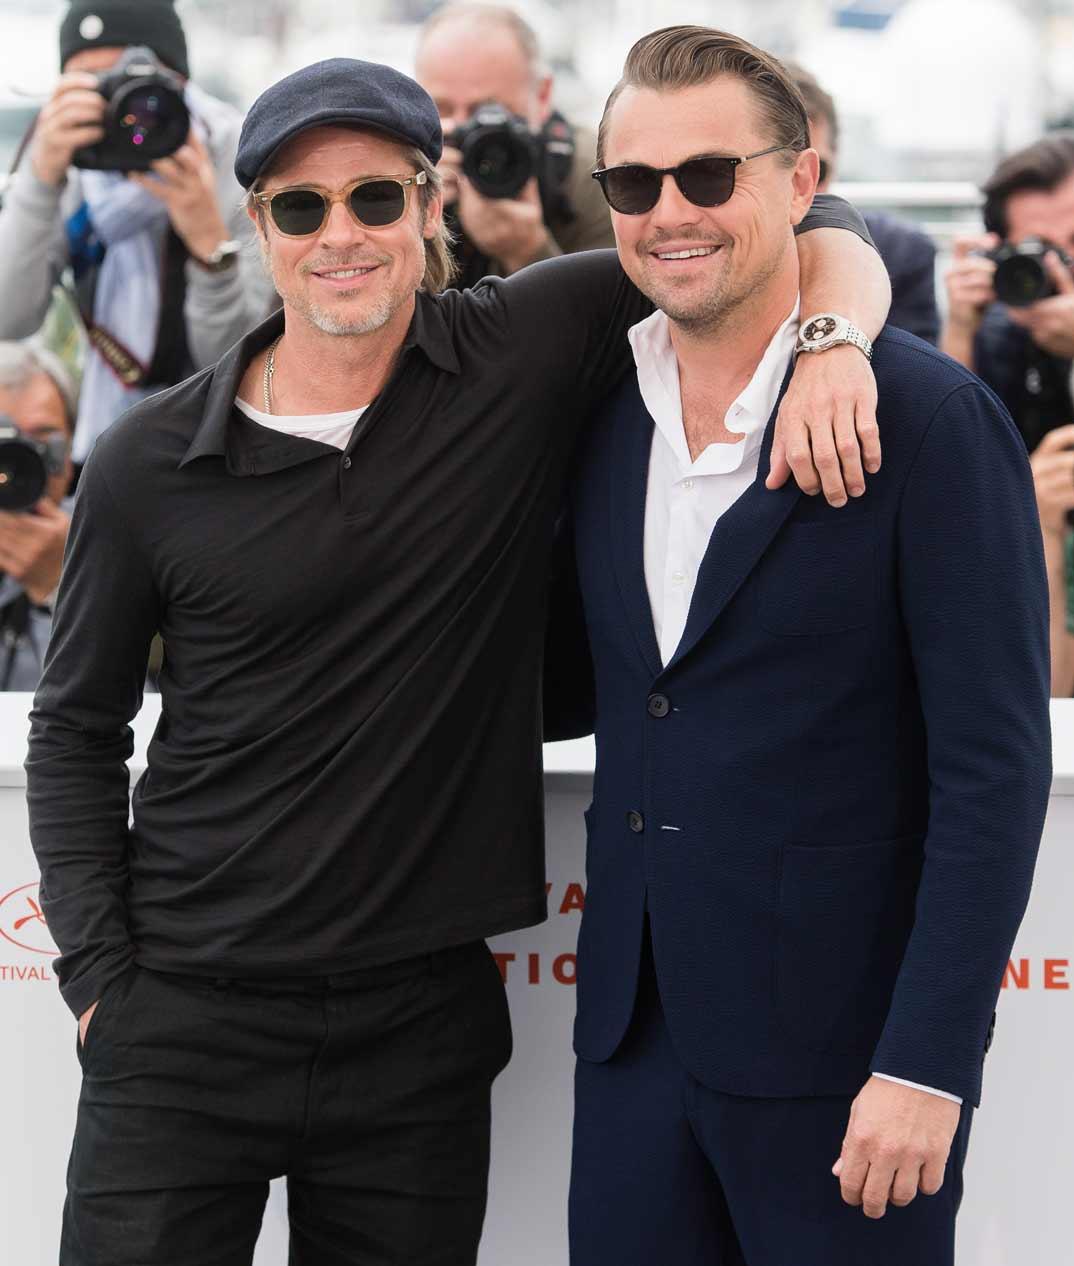 Brad Pitt y Leonardo DiCaprio - Festival de Cine de Cannes - 2019